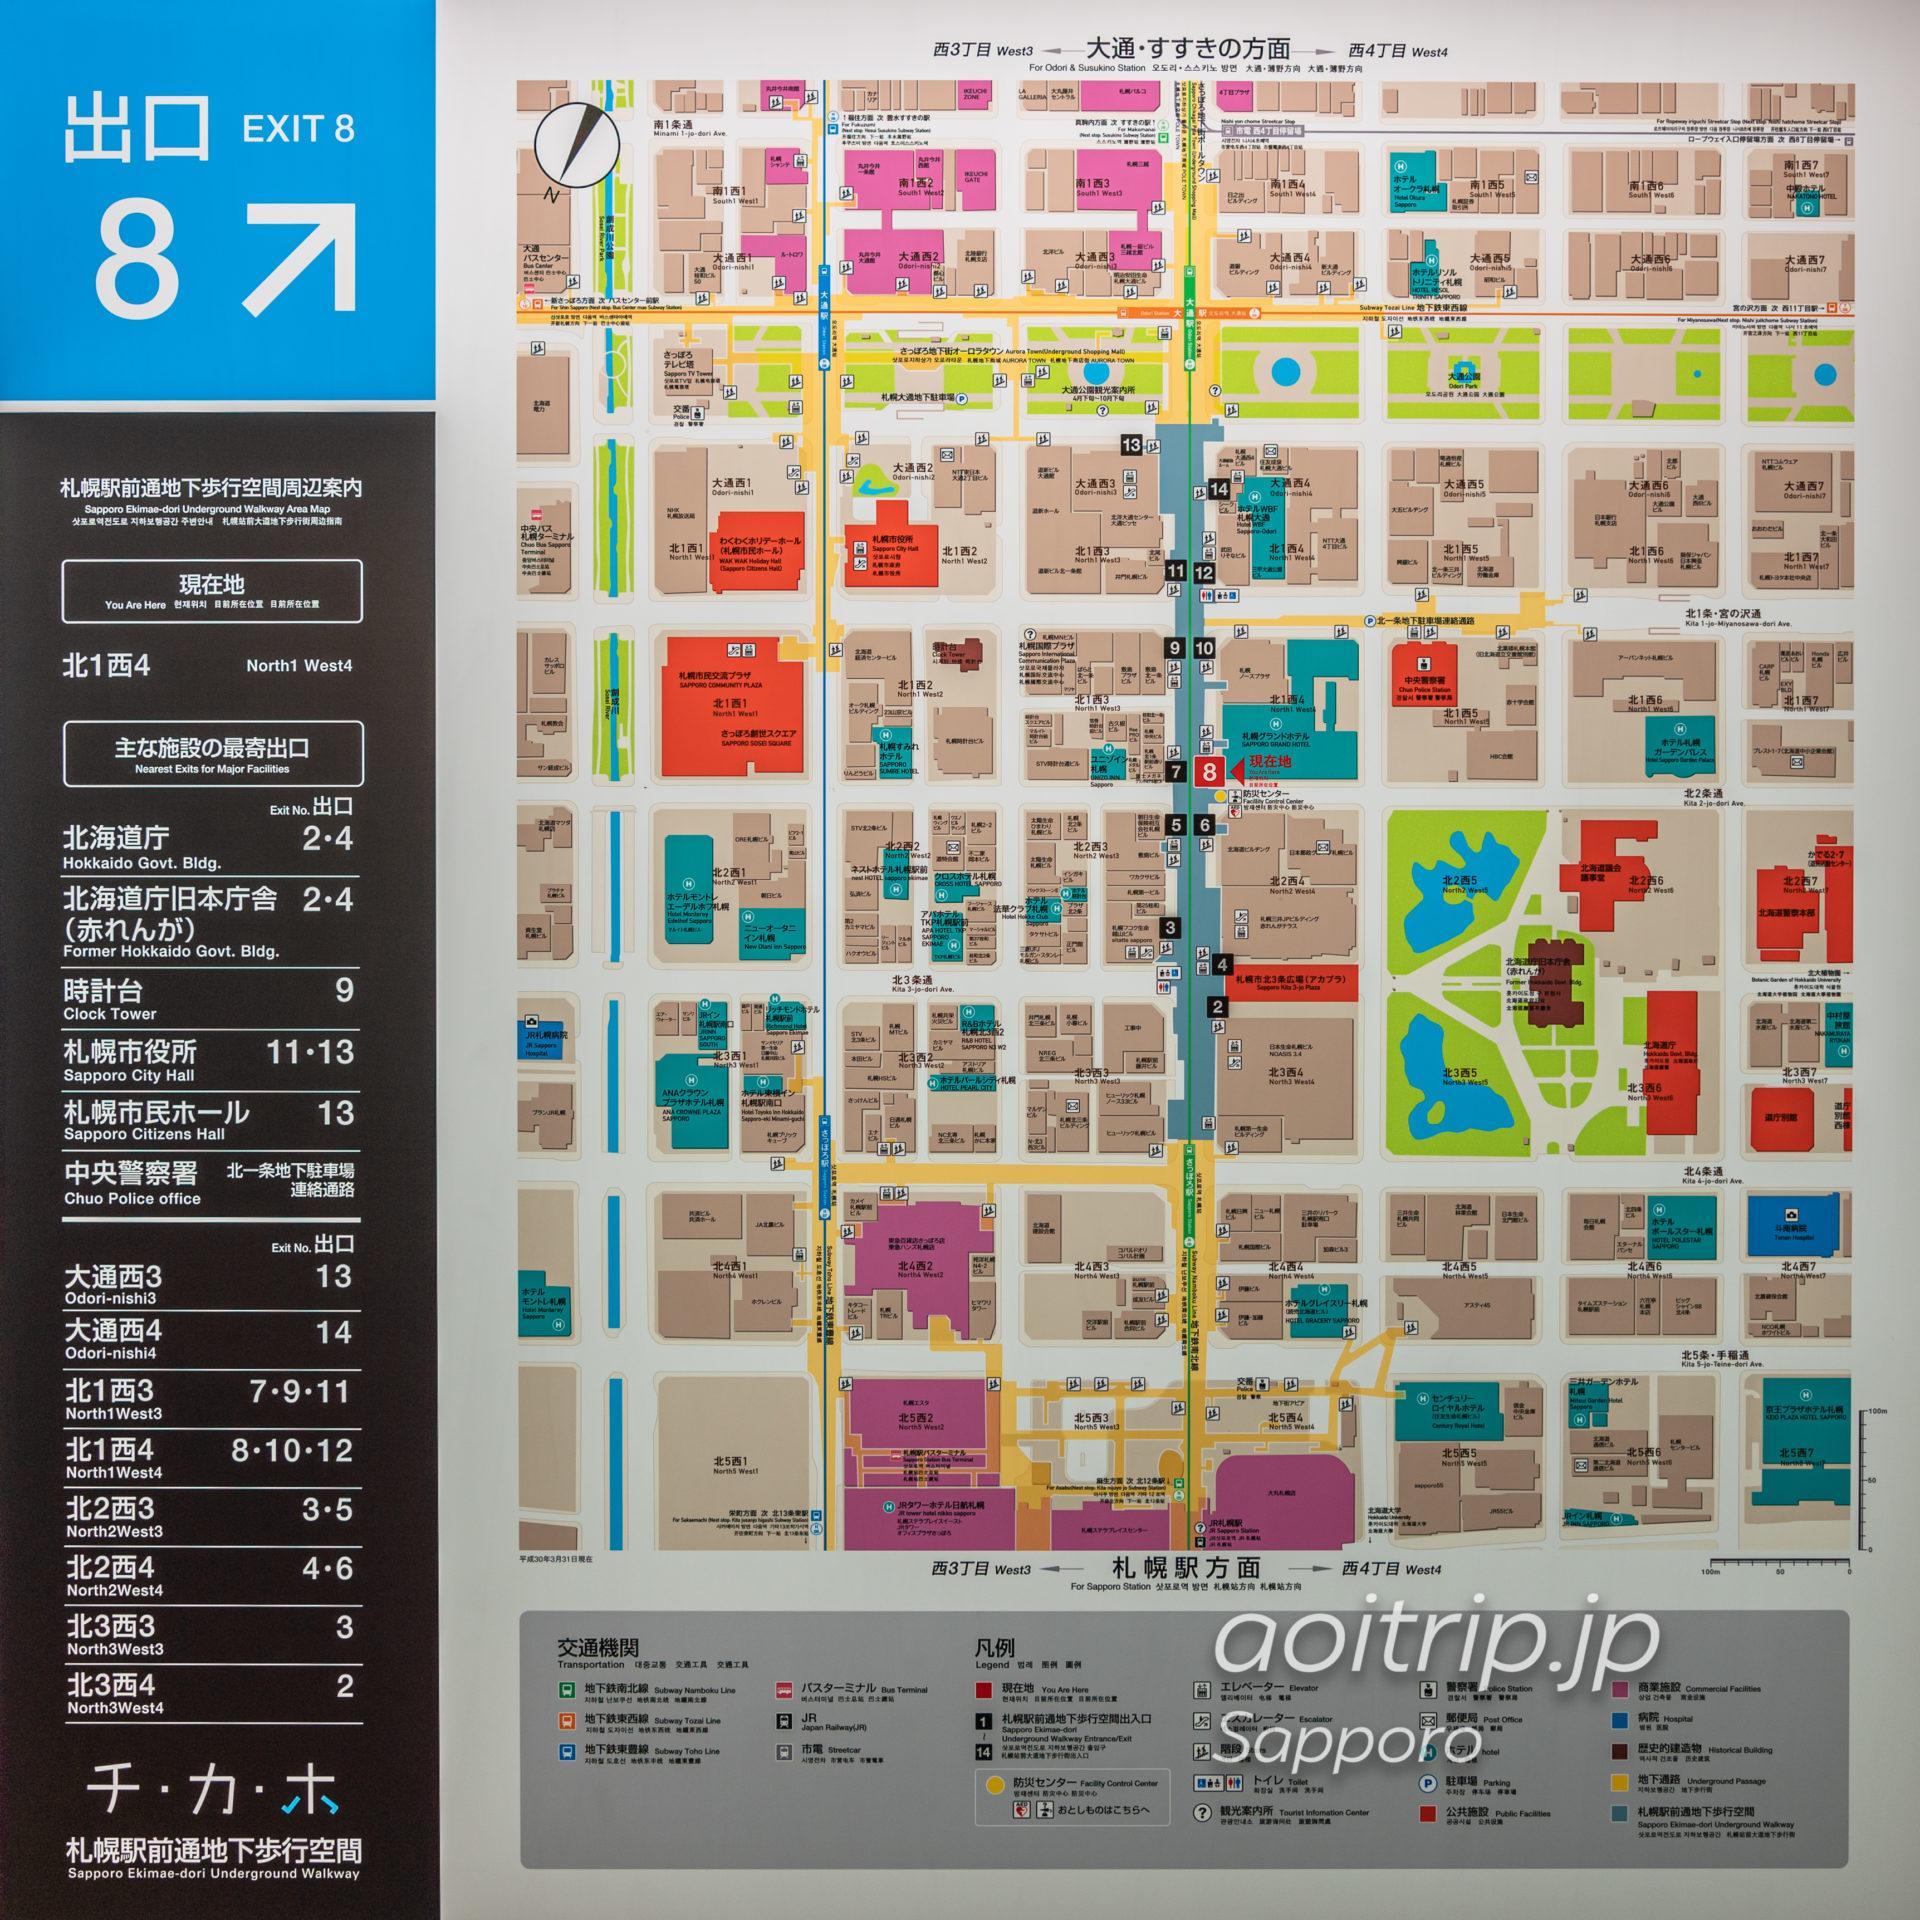 札幌グランドホテルの場所・行き方・アクセス 札幌駅地下通路8番出口